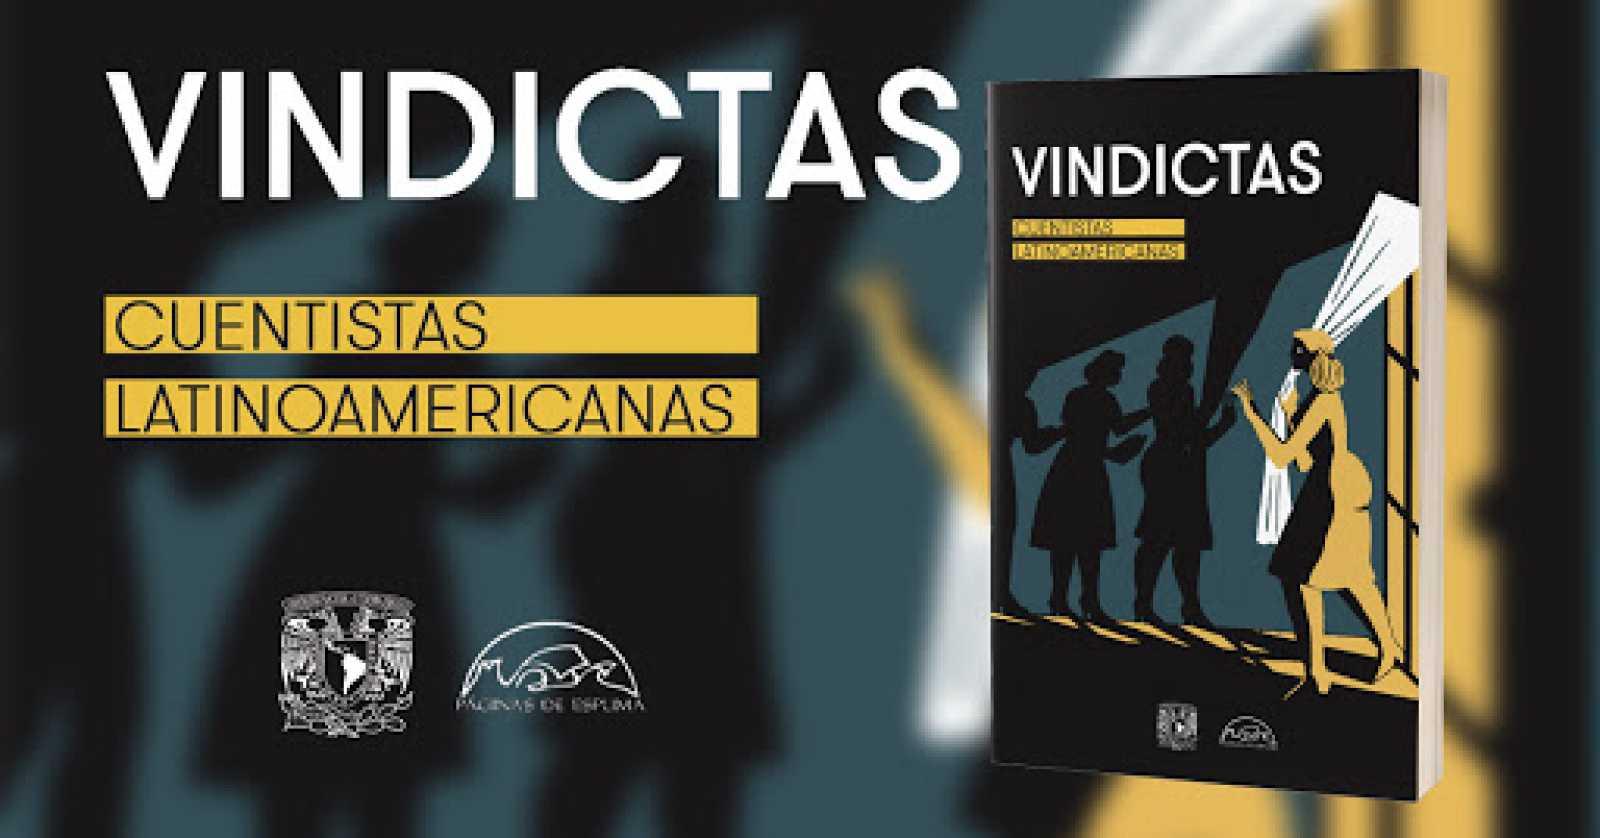 Hora América en Radio 5 - Antología Vindictas. Cuentistas Latinoamericanas - 10/12/20 - Escuchar ahora